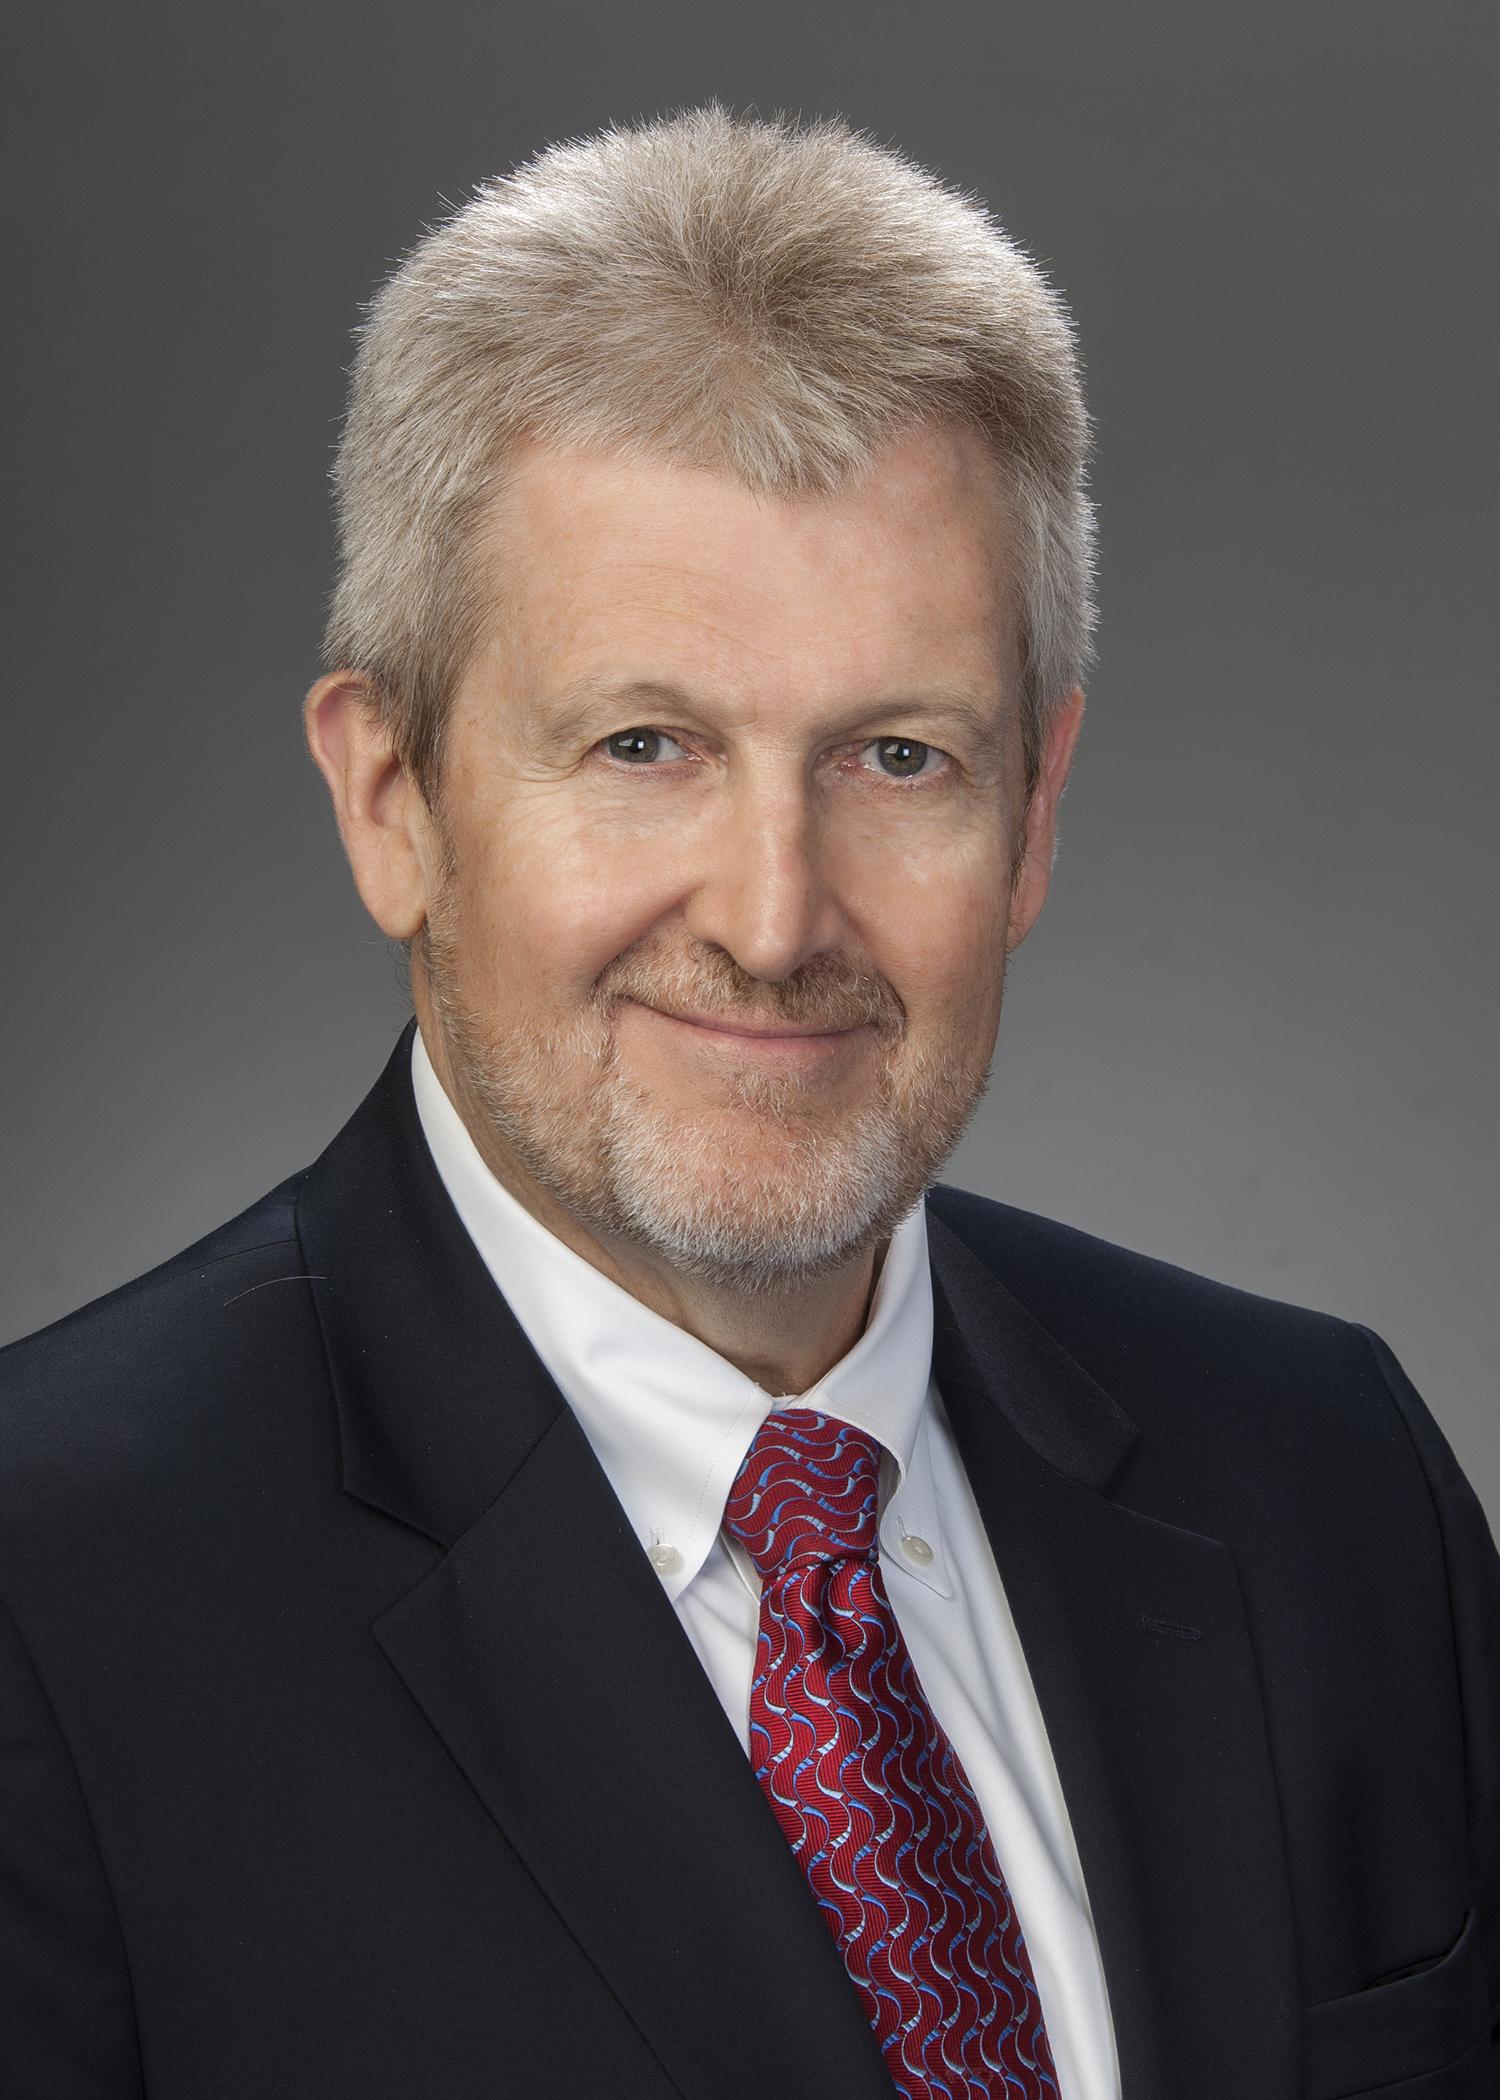 Scott Doran